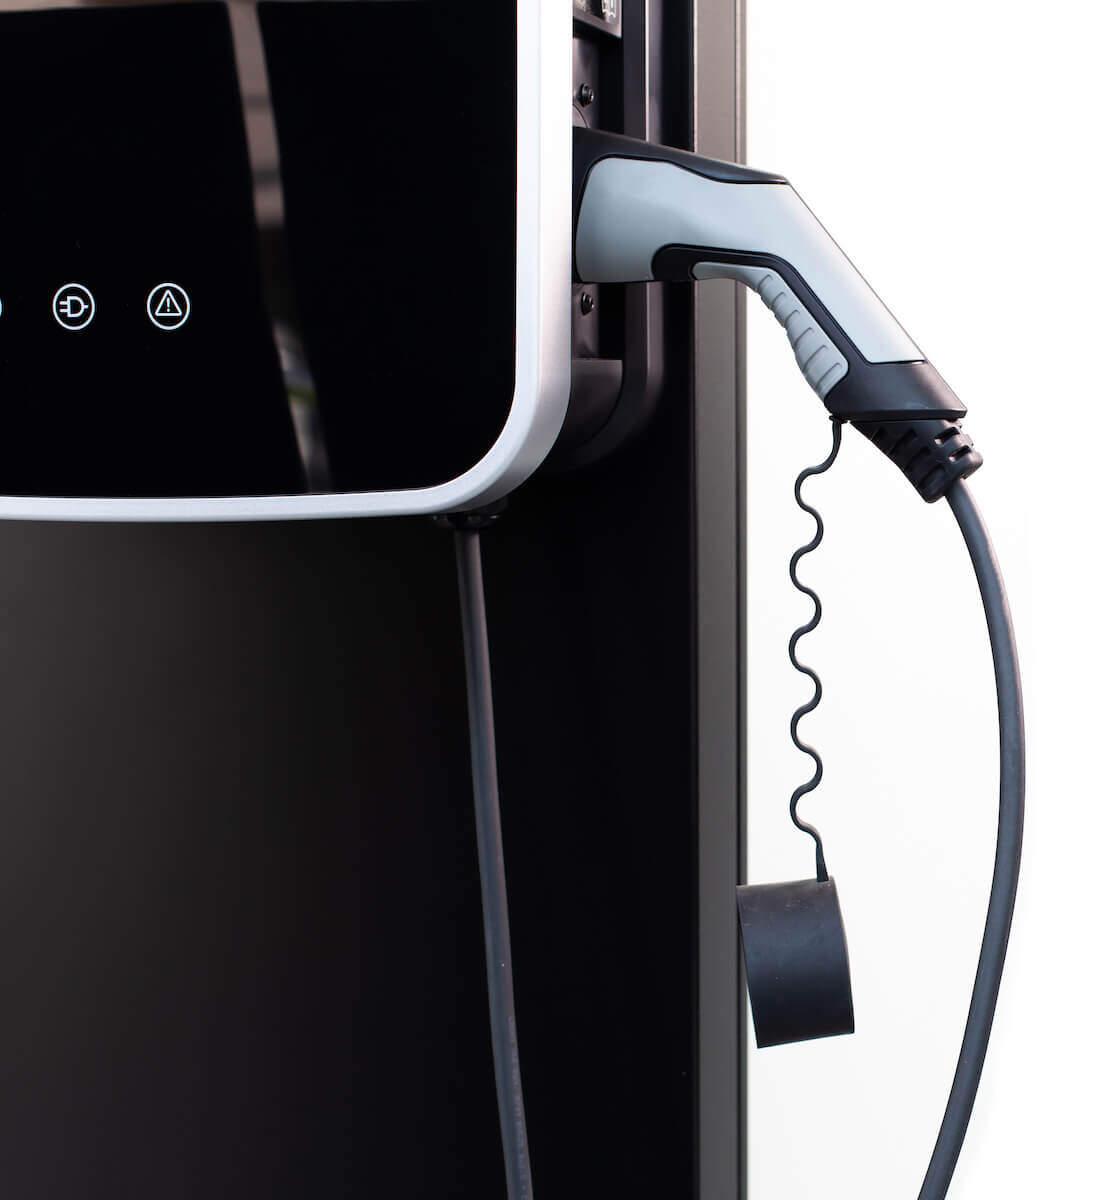 elektromobilio ikrovimo stotele ir ikrovimo kabelis